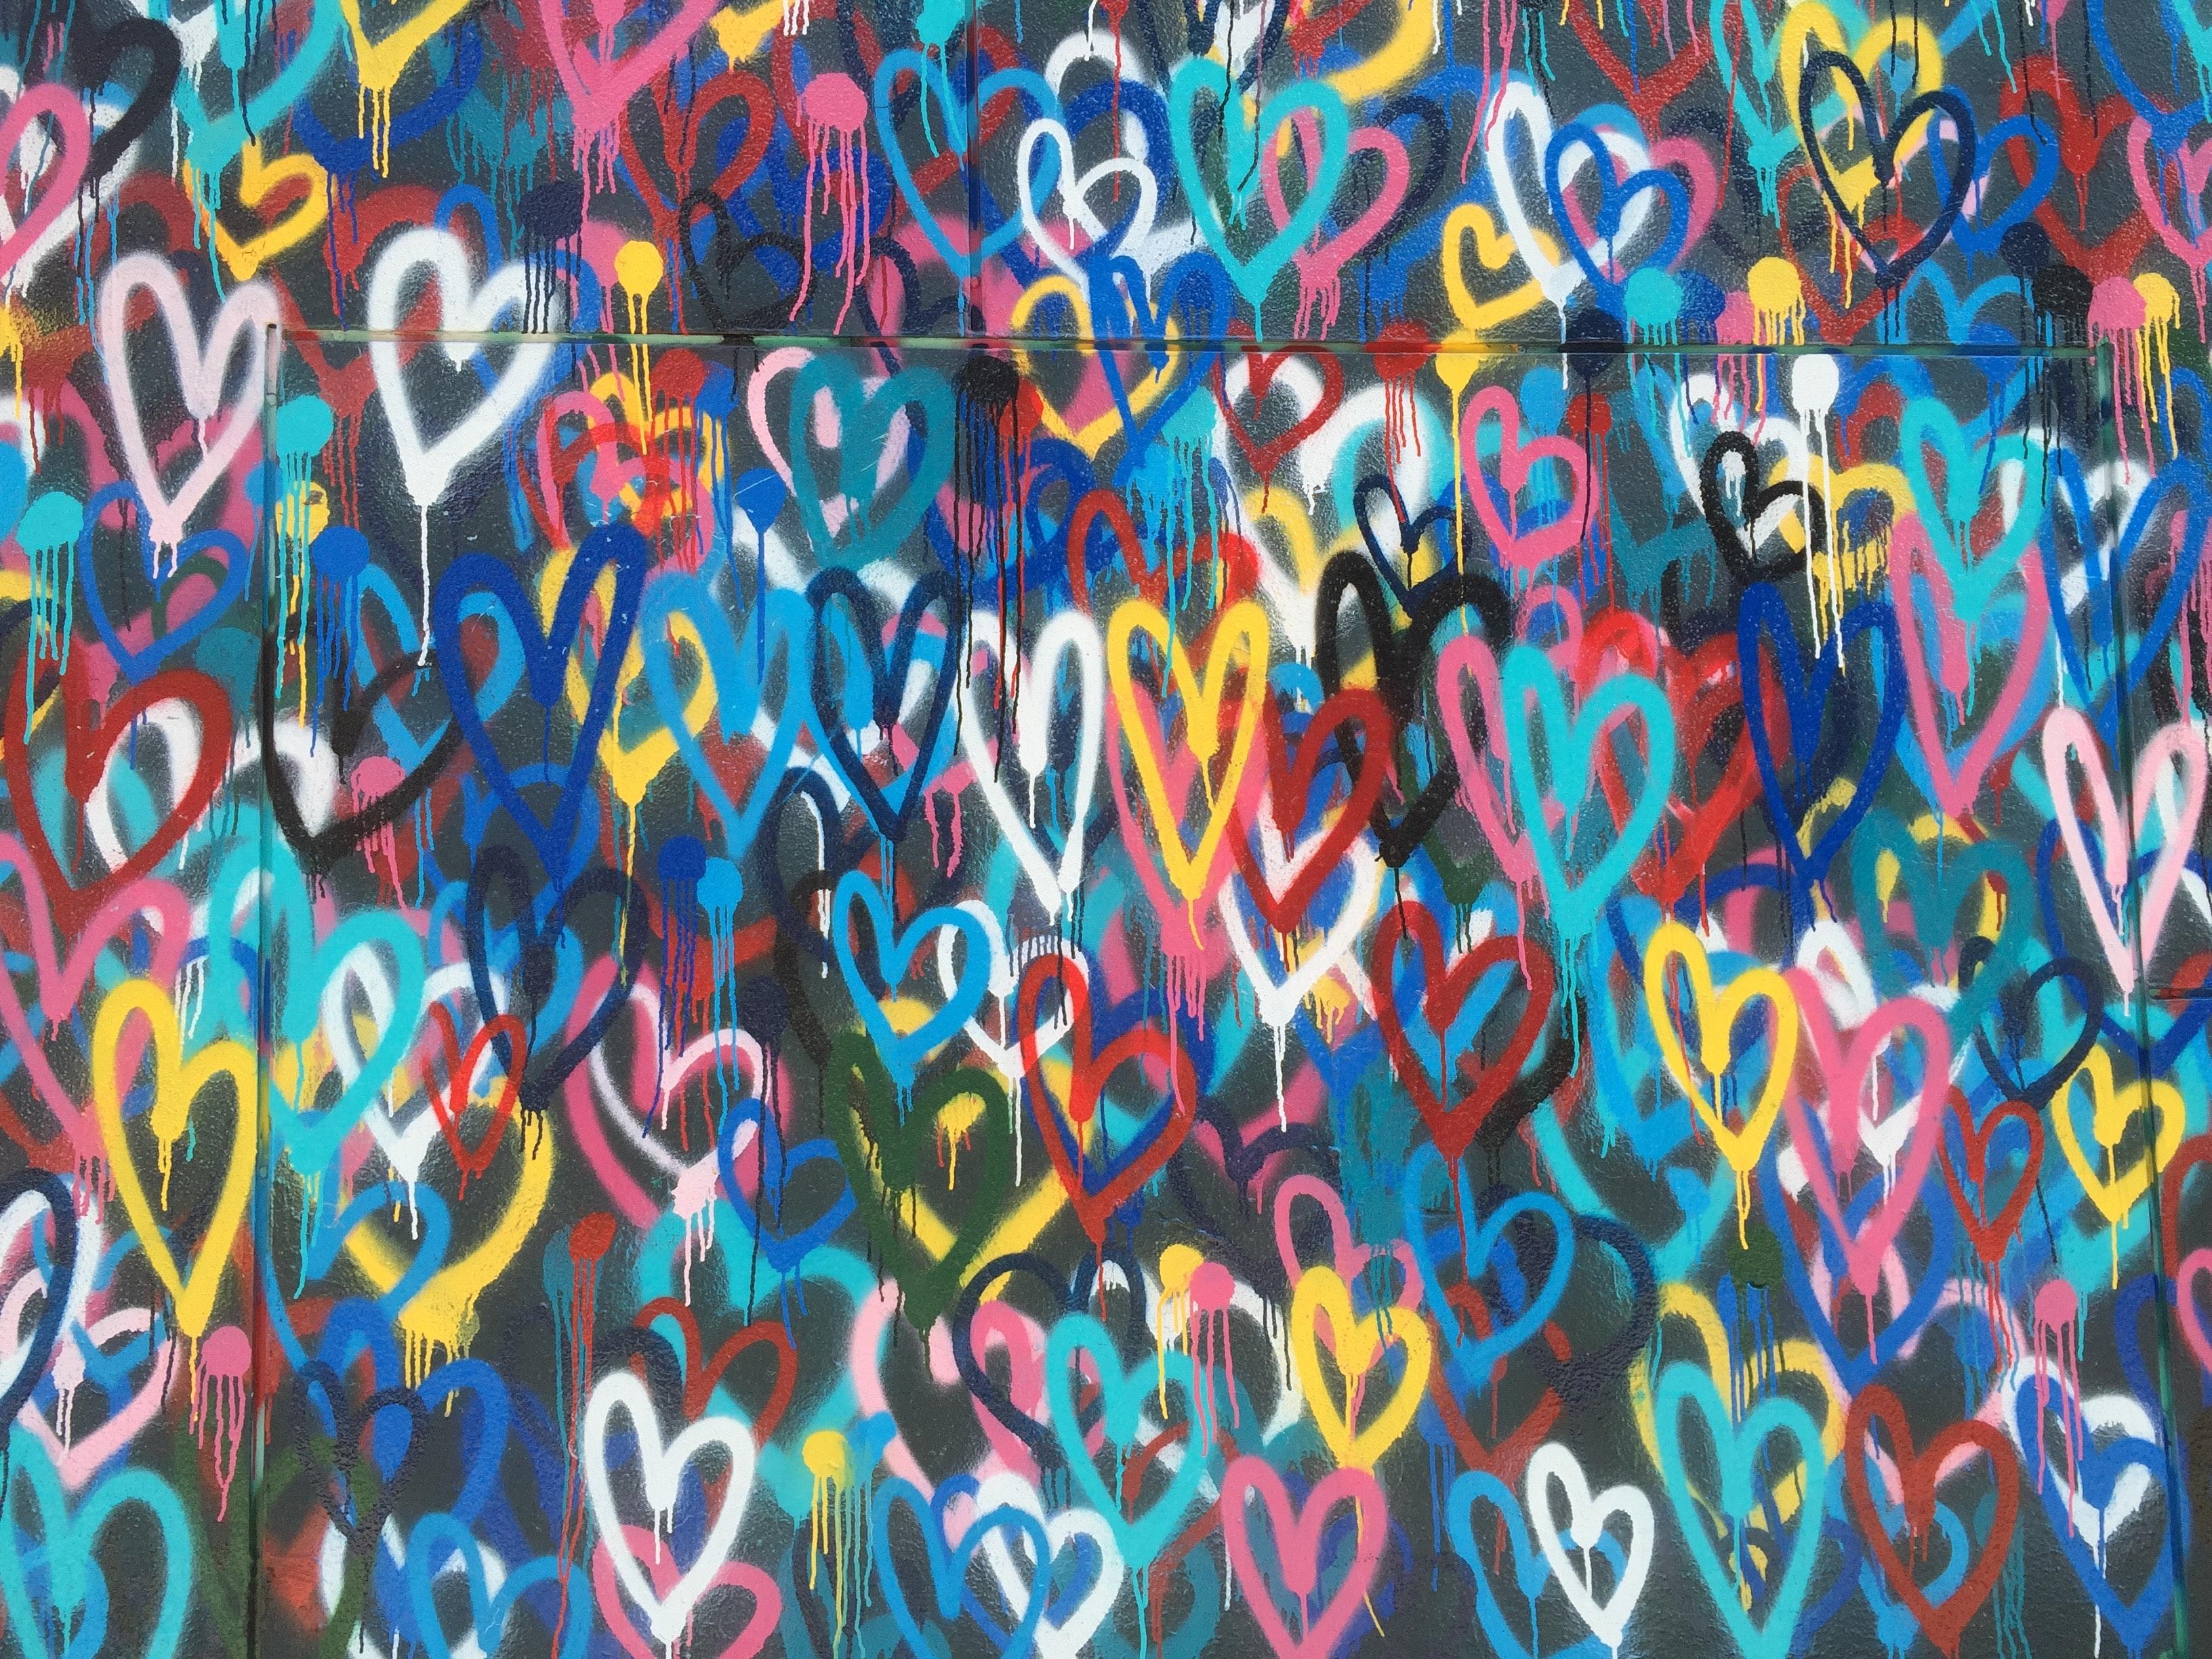 Miłość – arkusz pracy dla ucznia ze spektrum autyzmu